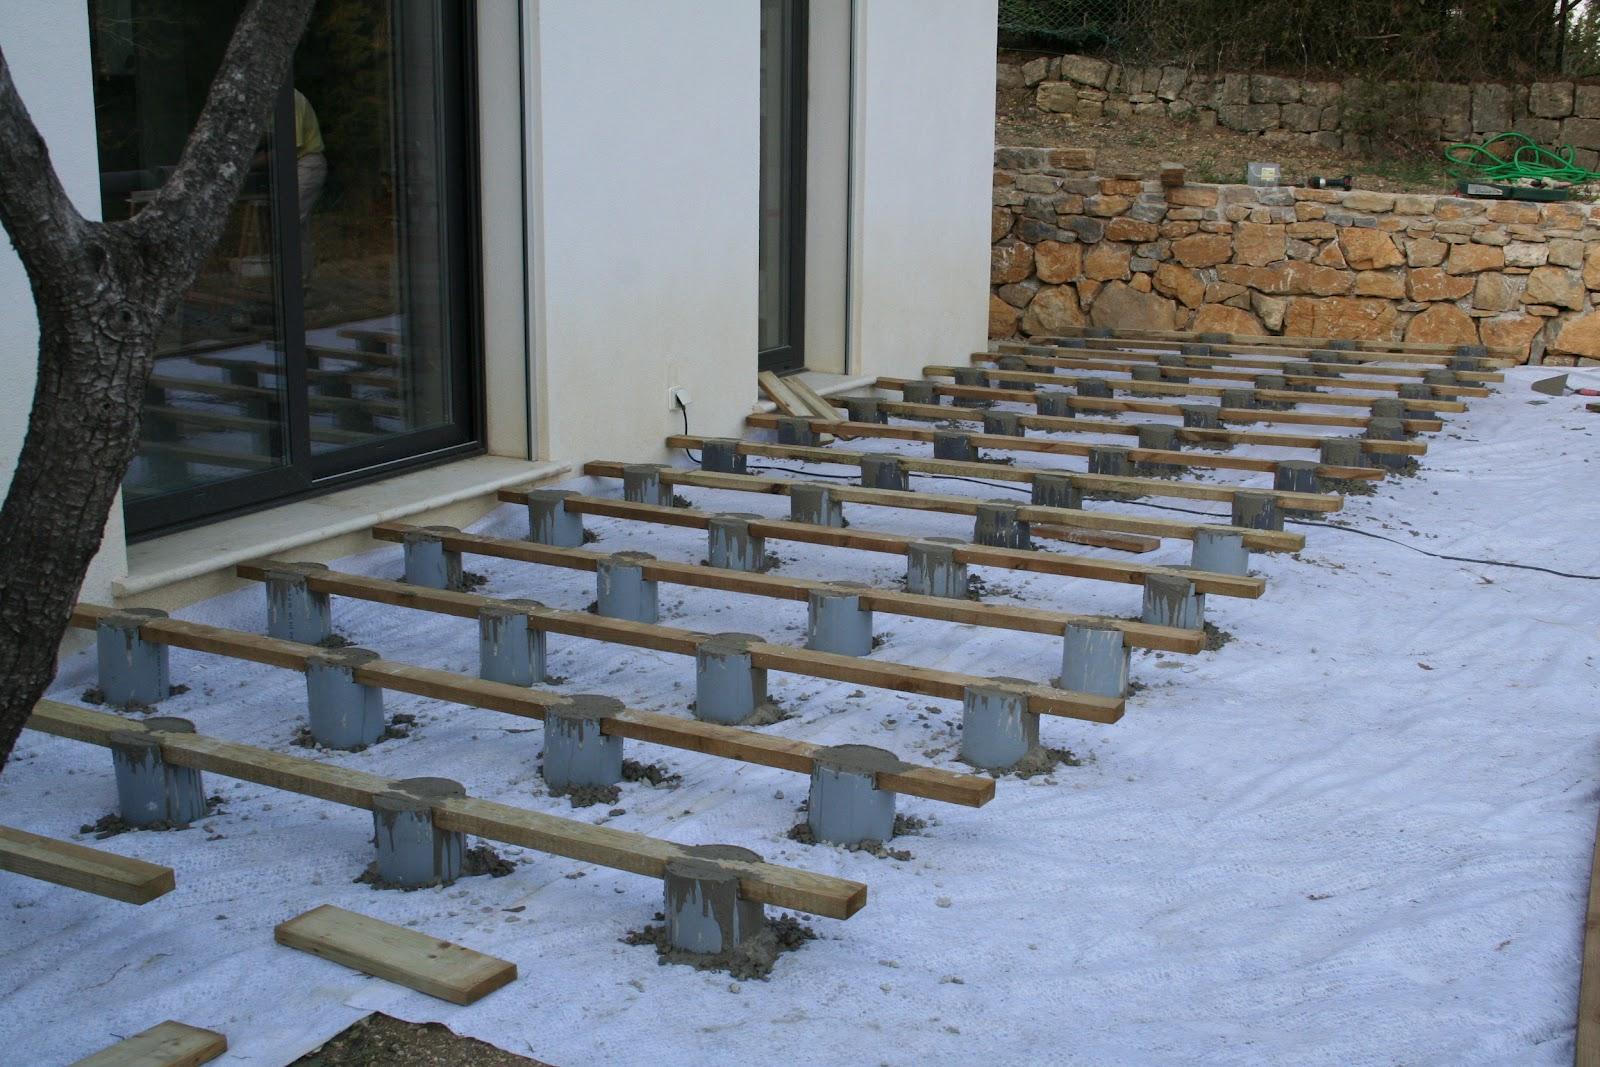 Fabriquer Terrasse En Bois Pas Cher faire une terrasse en dalle ides de ment faire une terrasse